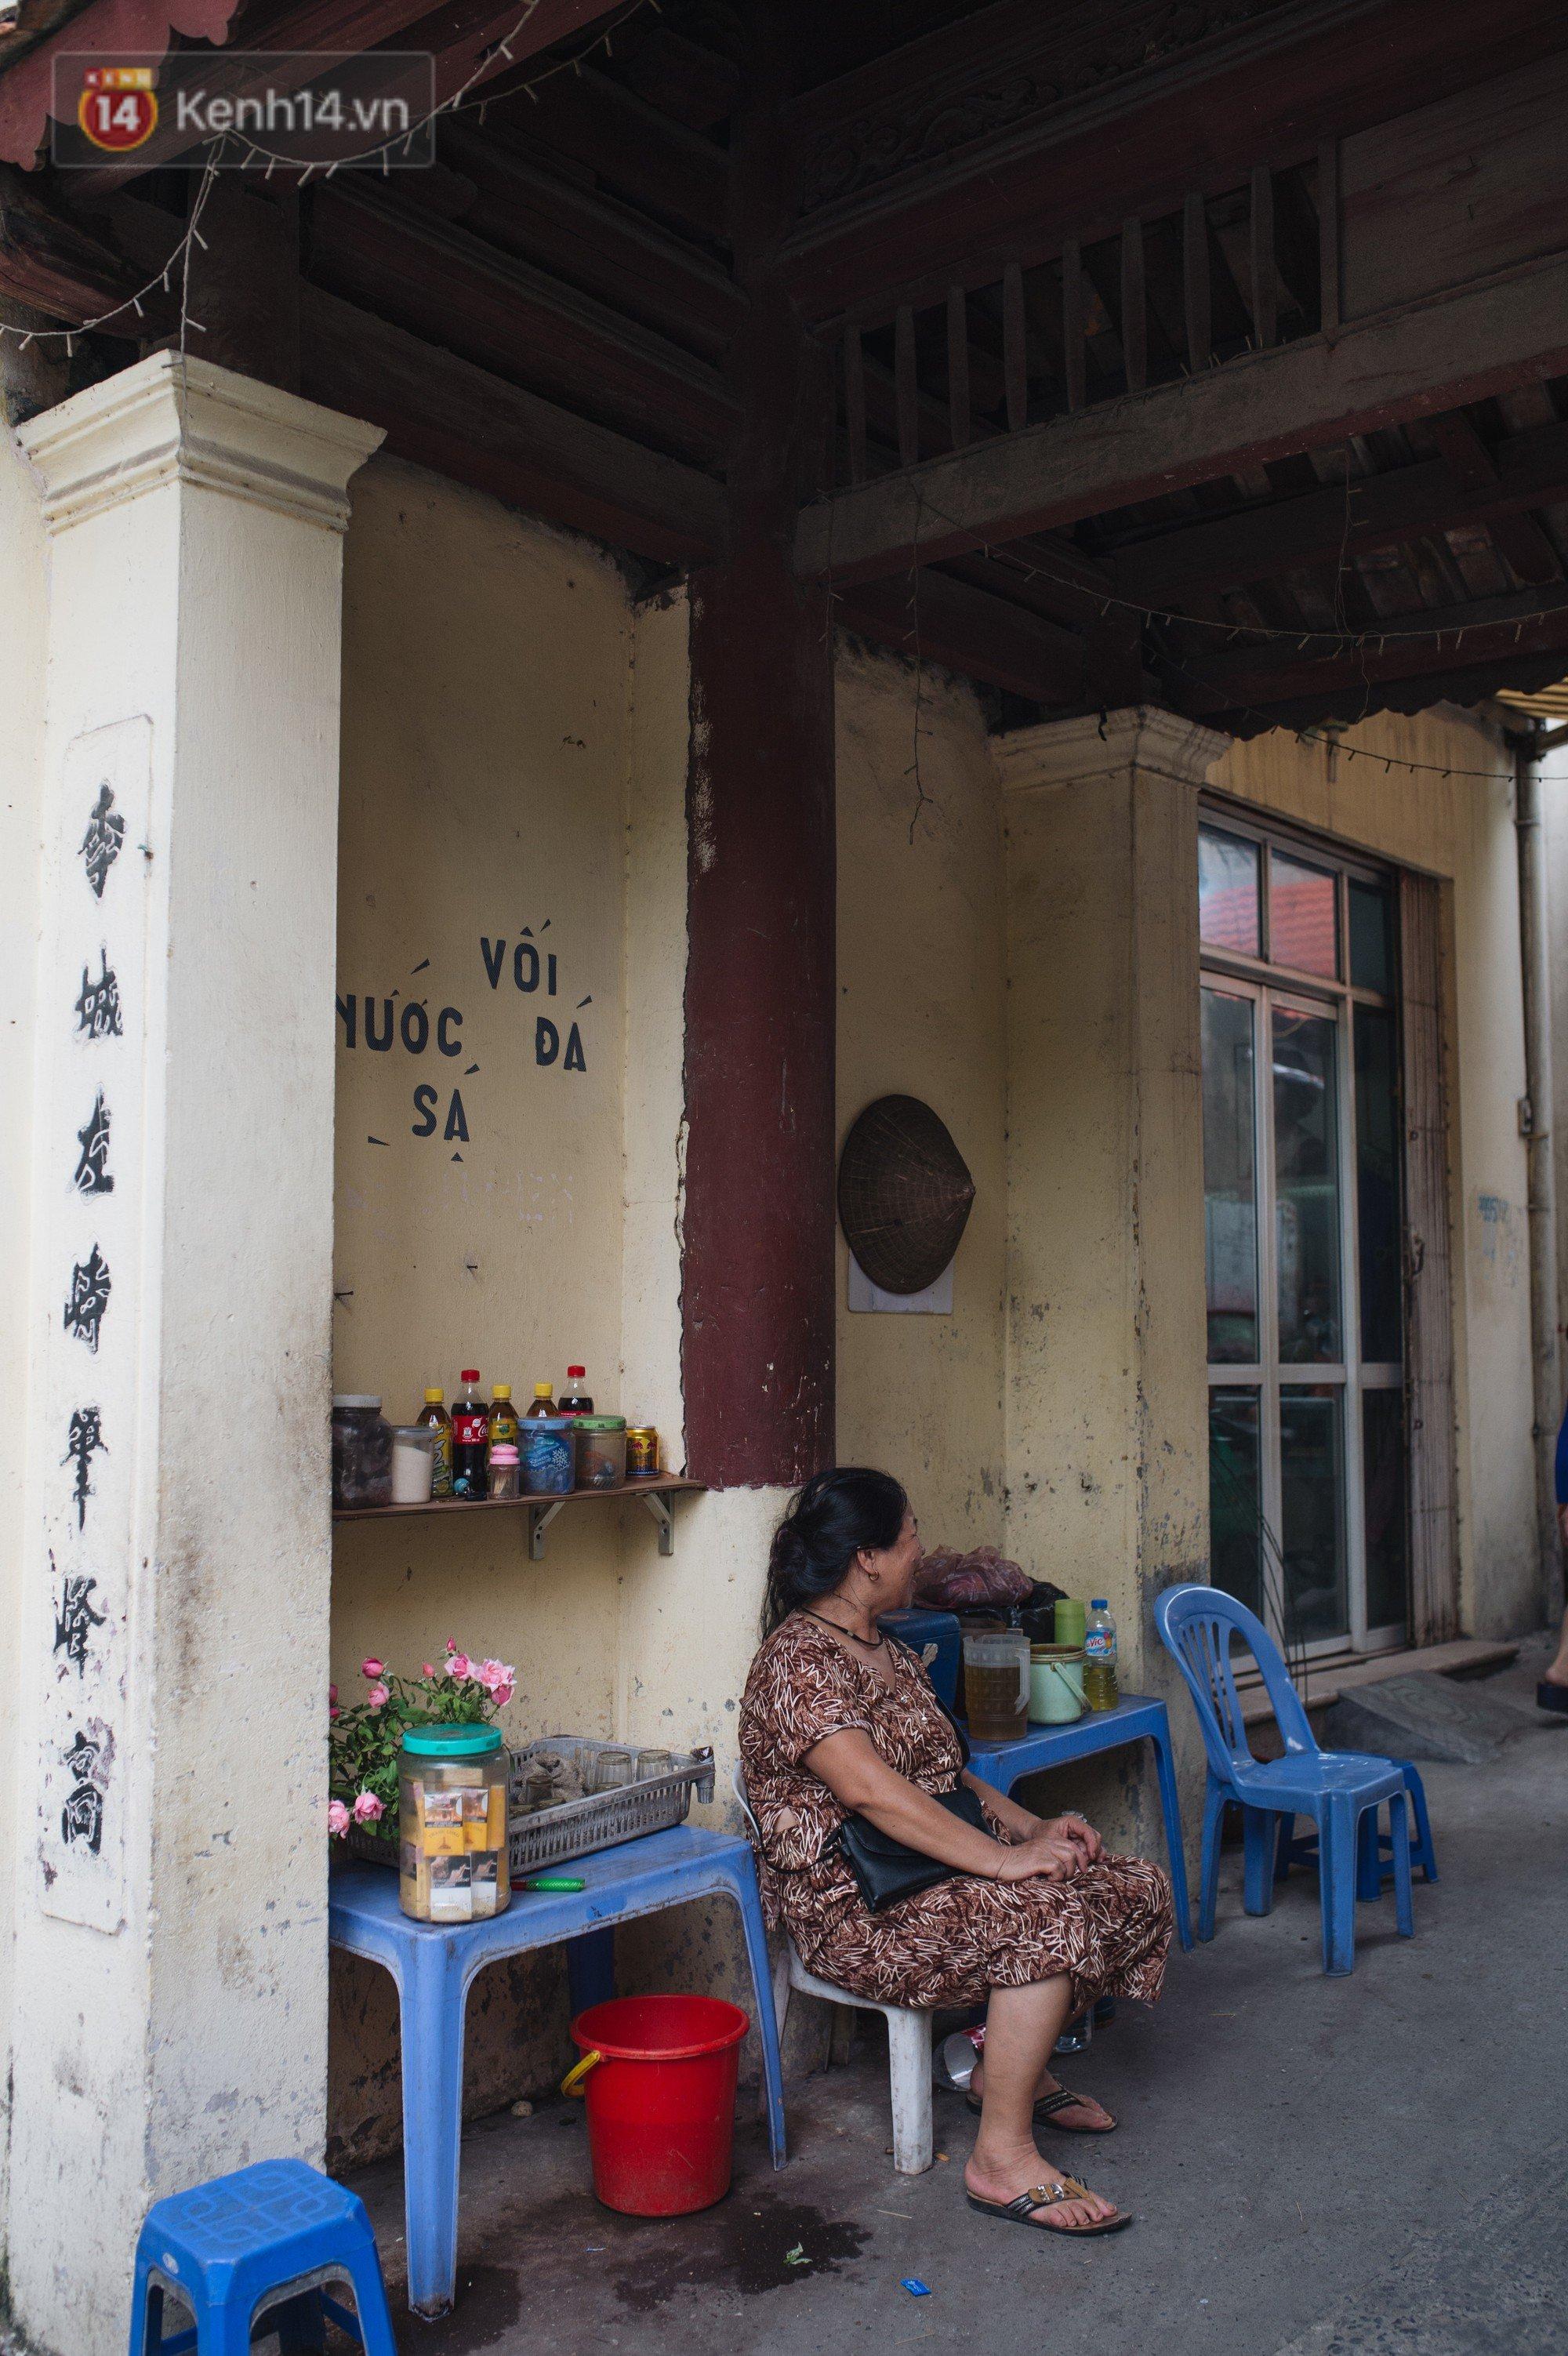 Chuyện về một con phố có nhiều cổng làng nhất Hà Nội: Đưa chân qua cổng phải tôn trọng nếp làng 7